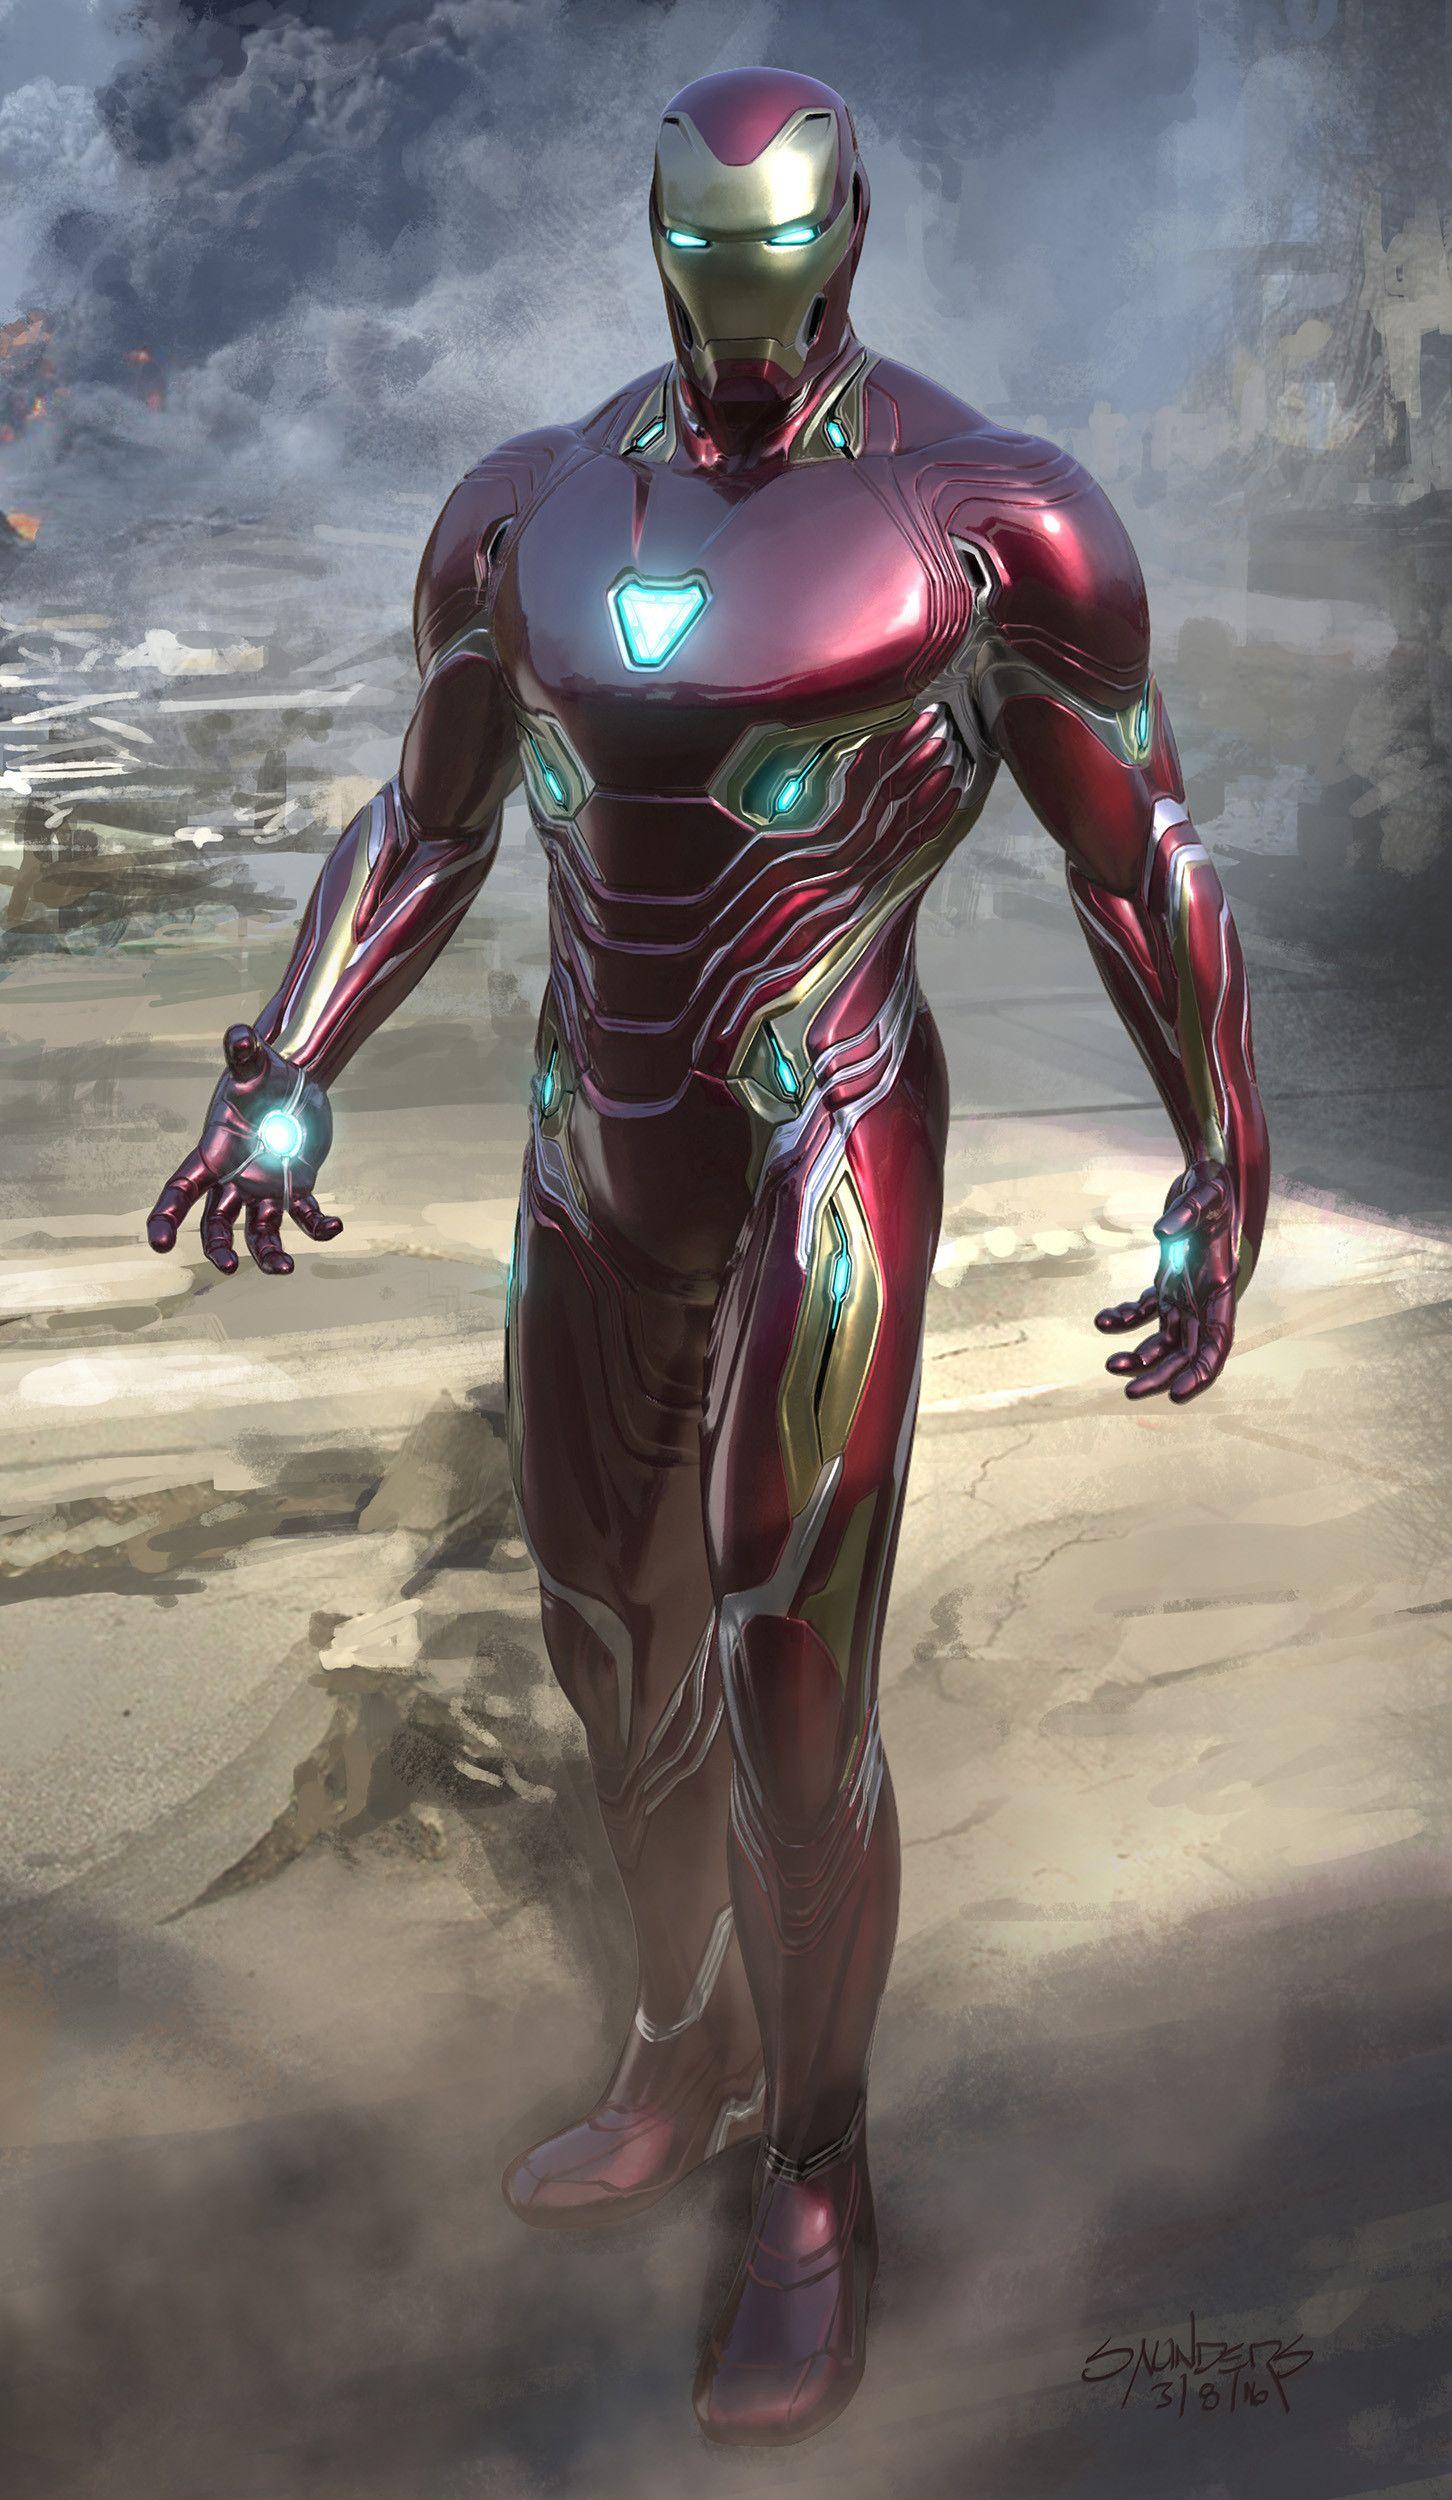 Artstation Avengers Infinity War 2016 Iron Man Mk 50 Final